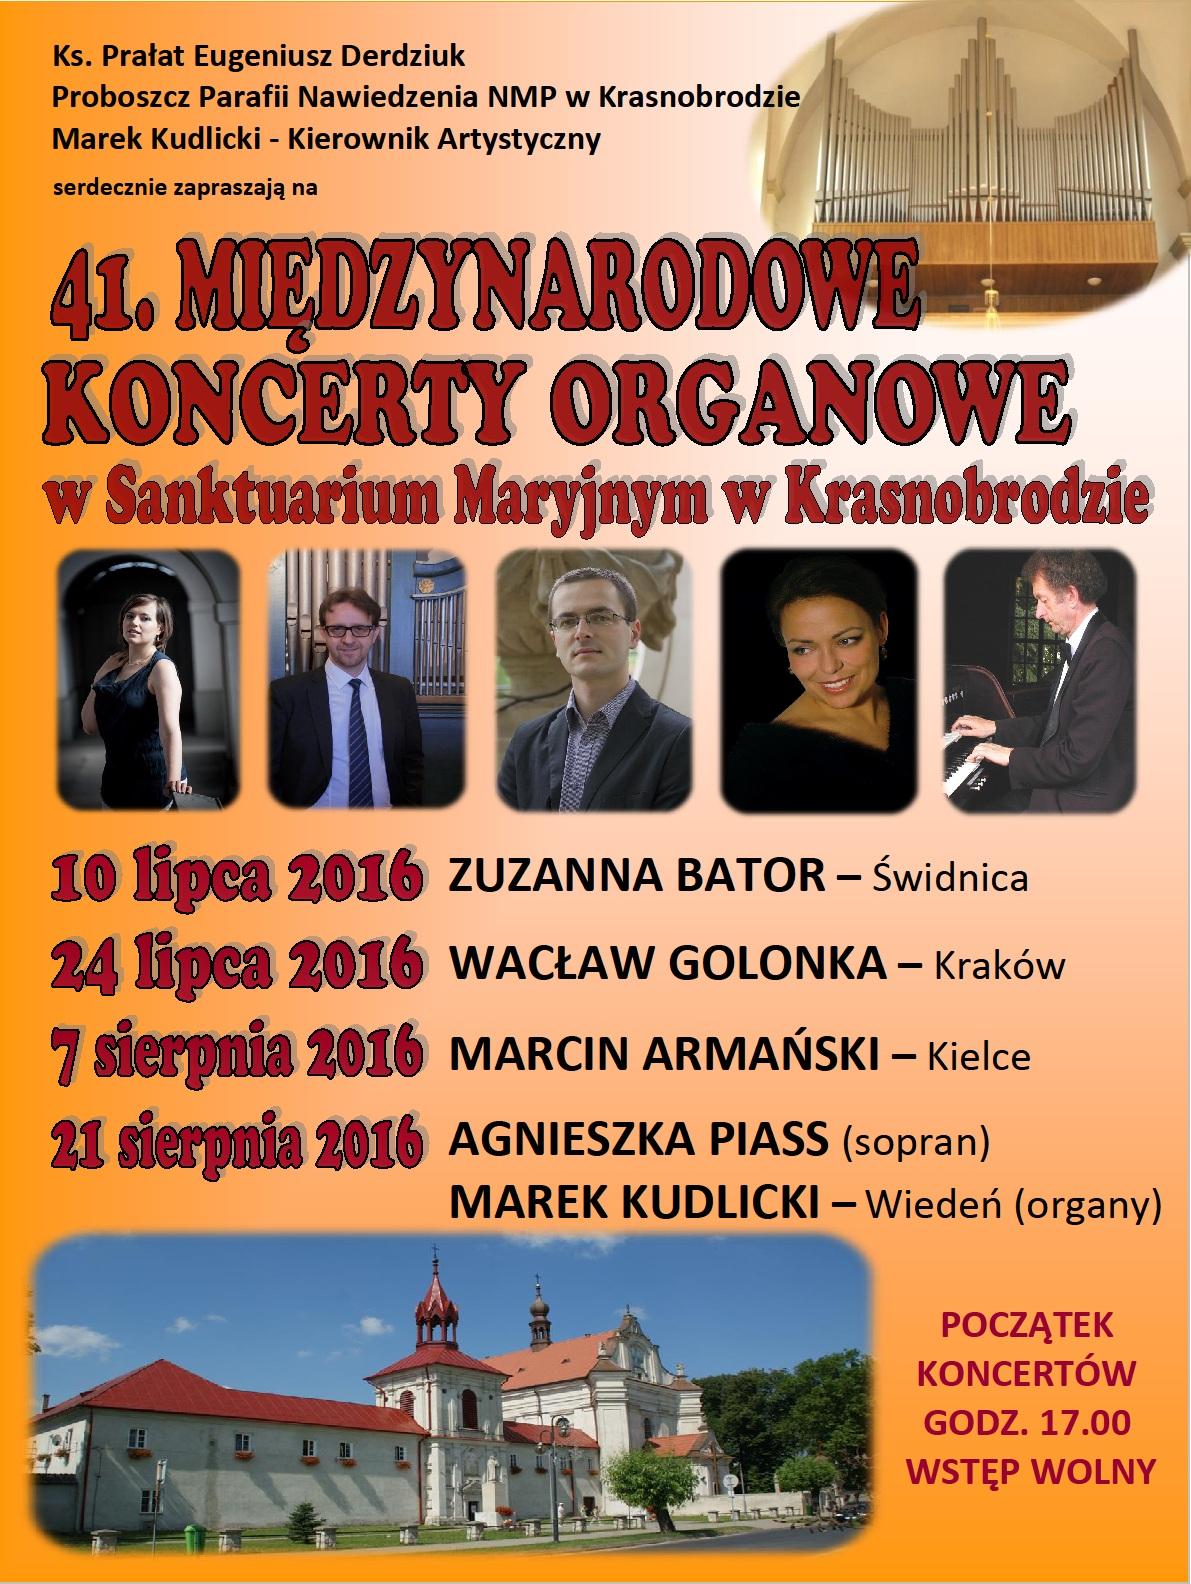 41. Międzynarodowe Koncerty Organowe 2016